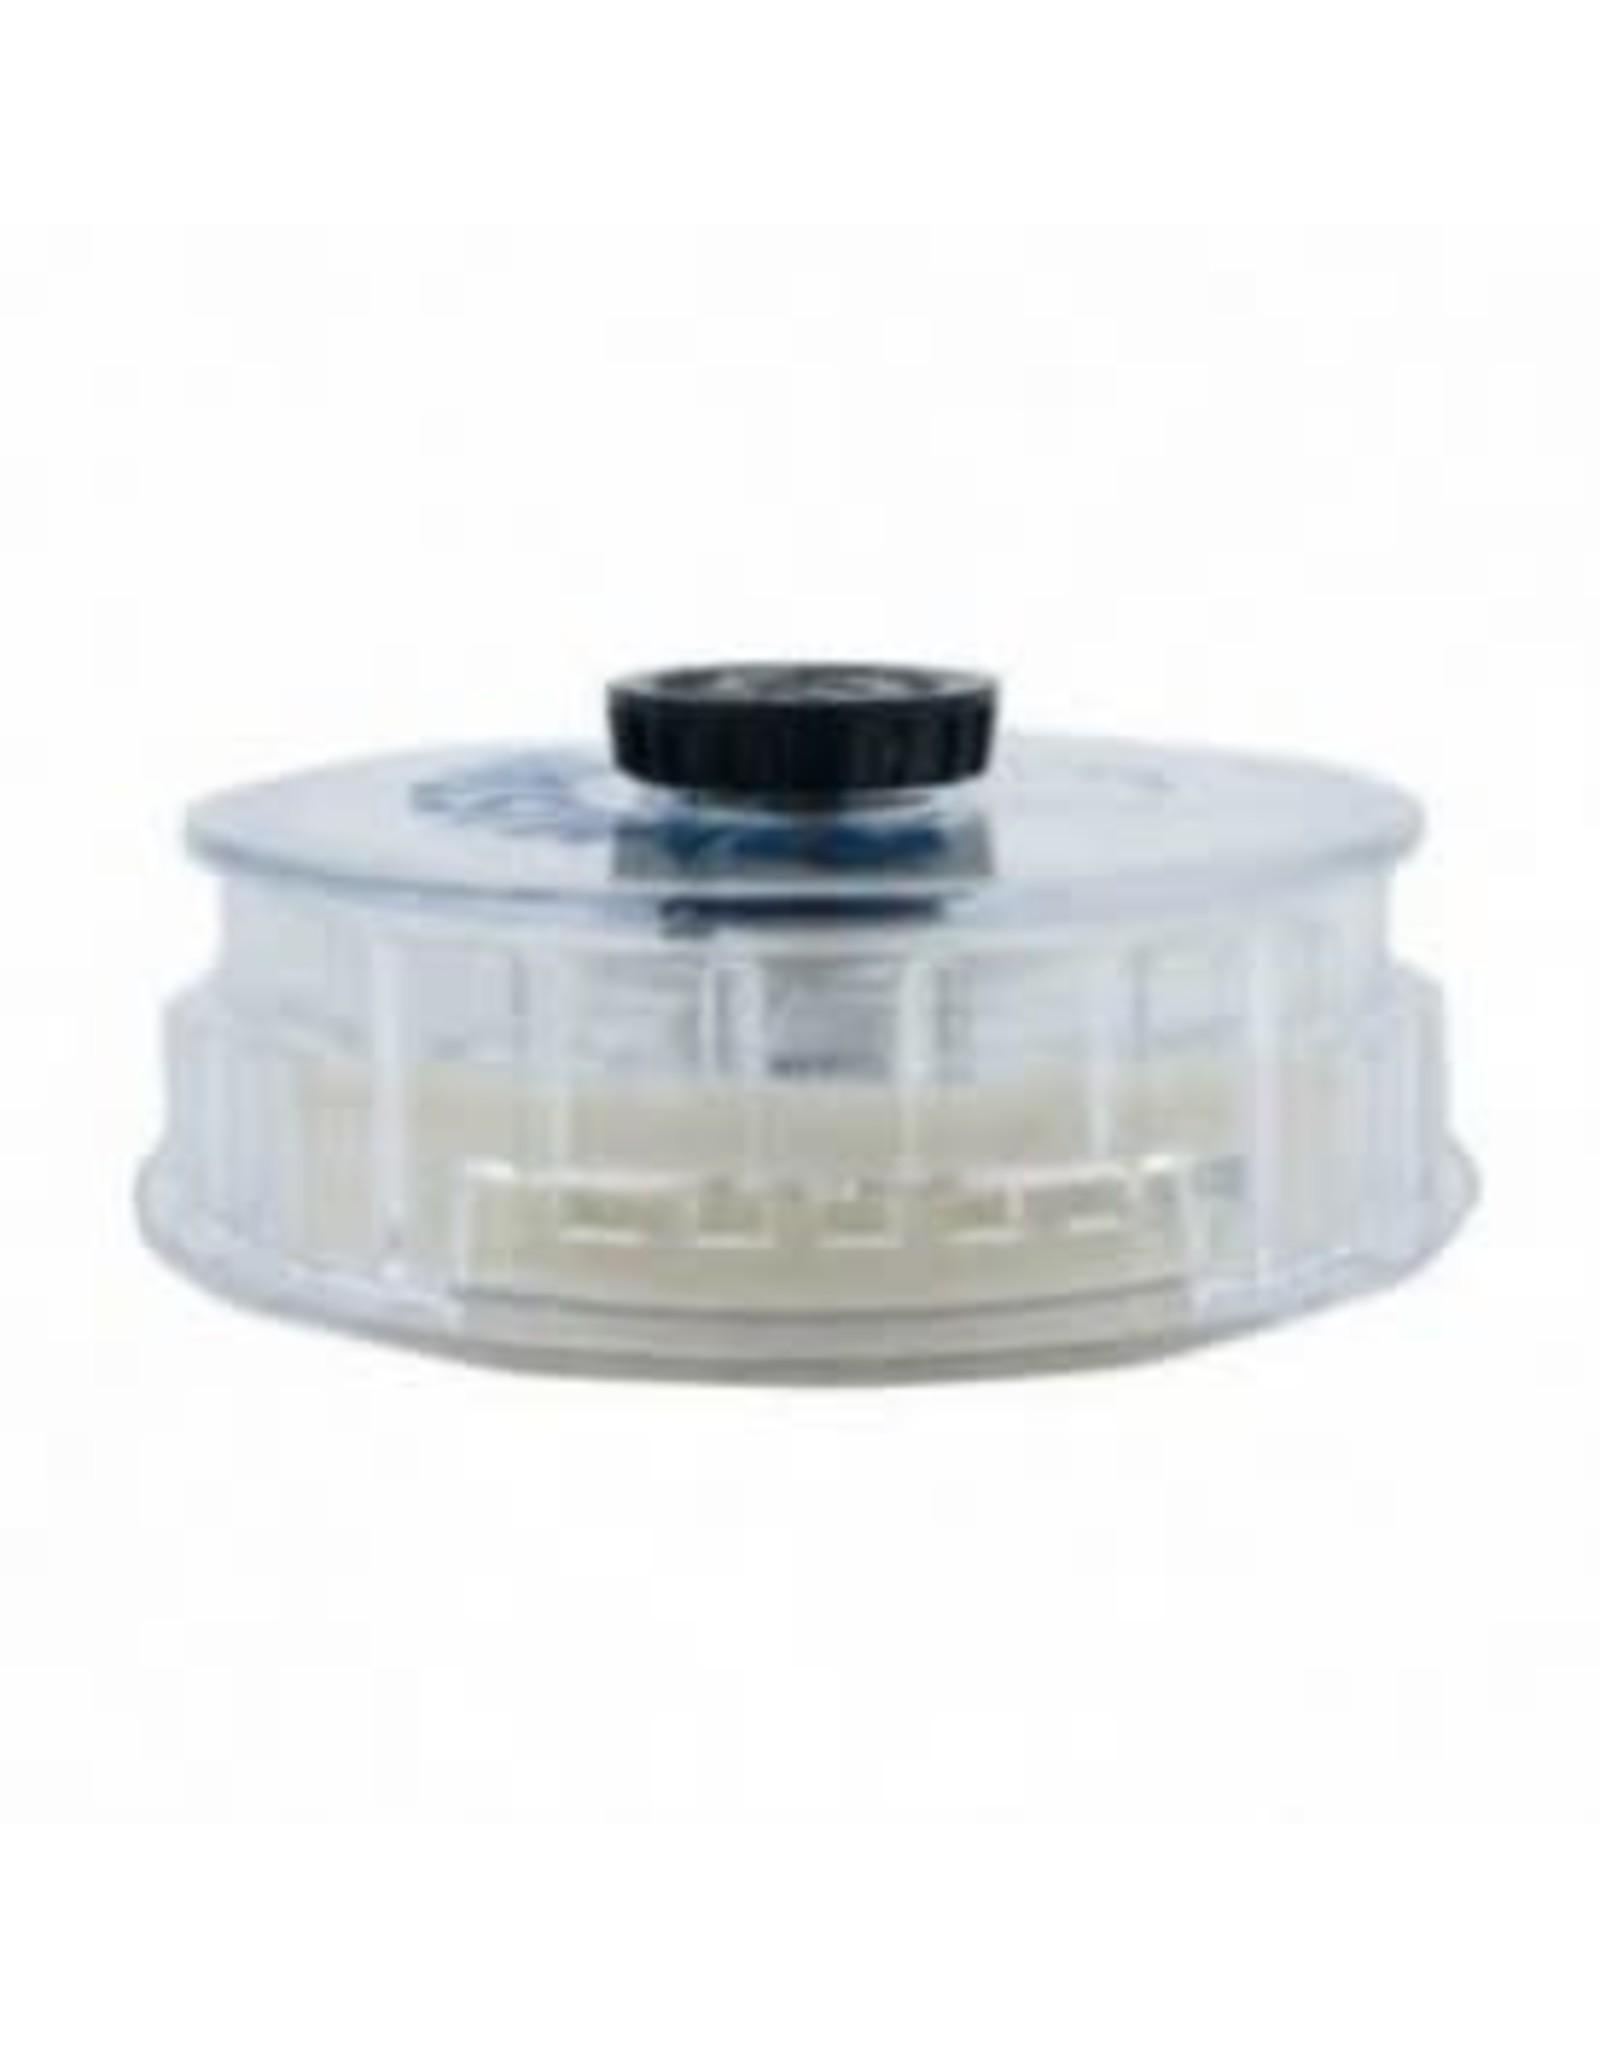 Humistat Humistat Humidifier Model #3